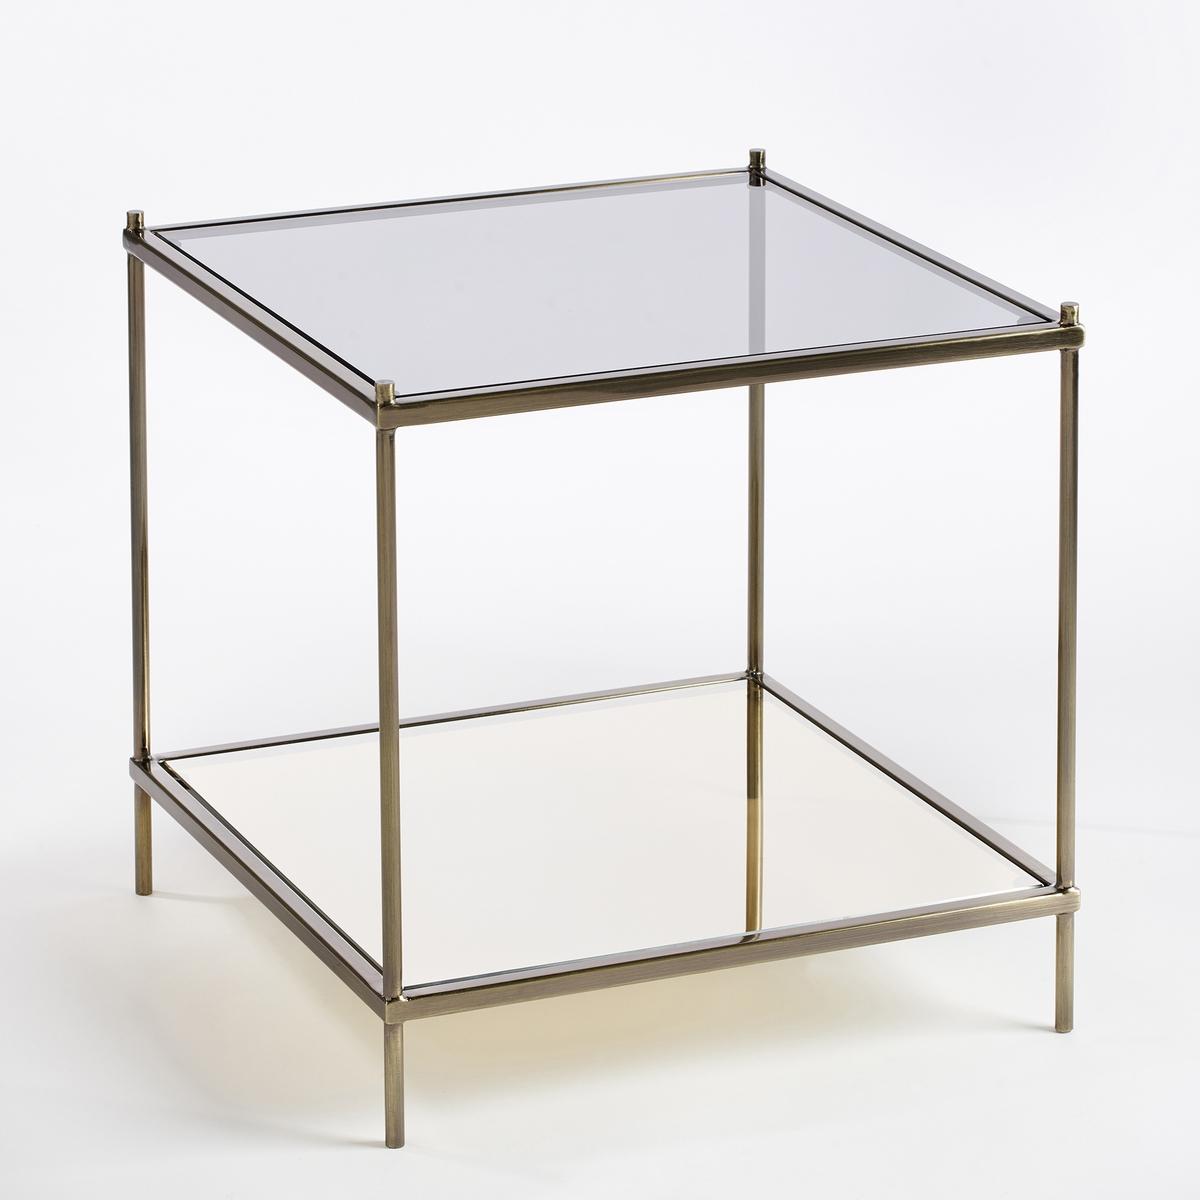 Столик журнальный UlupnaЖурнальный столик Ulupna. Данный столик может использоваться в качестве журнального или прикроватного. Удачное сочетание темного стекла и стекла с зеркальным эффектом добавит элегантности и стиля в ваш интерьер. Вы можете менять столешницы местами: столешница из затемненного стекла сверху и столешница из зеркального стекла снизу или наоборот.Характеристики: : - Металлический каркас с латунным покрытием- Верхняя столешница из затемненного стекла серого цвета, толщина 6 мм- Нижняя столешница из стекла с зеркальным эффектом, толщина 6 мм- Поставляется готовым к сборке, инструкция прилагается.Размеры  : - Д40 x В40 x Г40 см, 6,23 кг<br><br>Цвет: старинная латунь